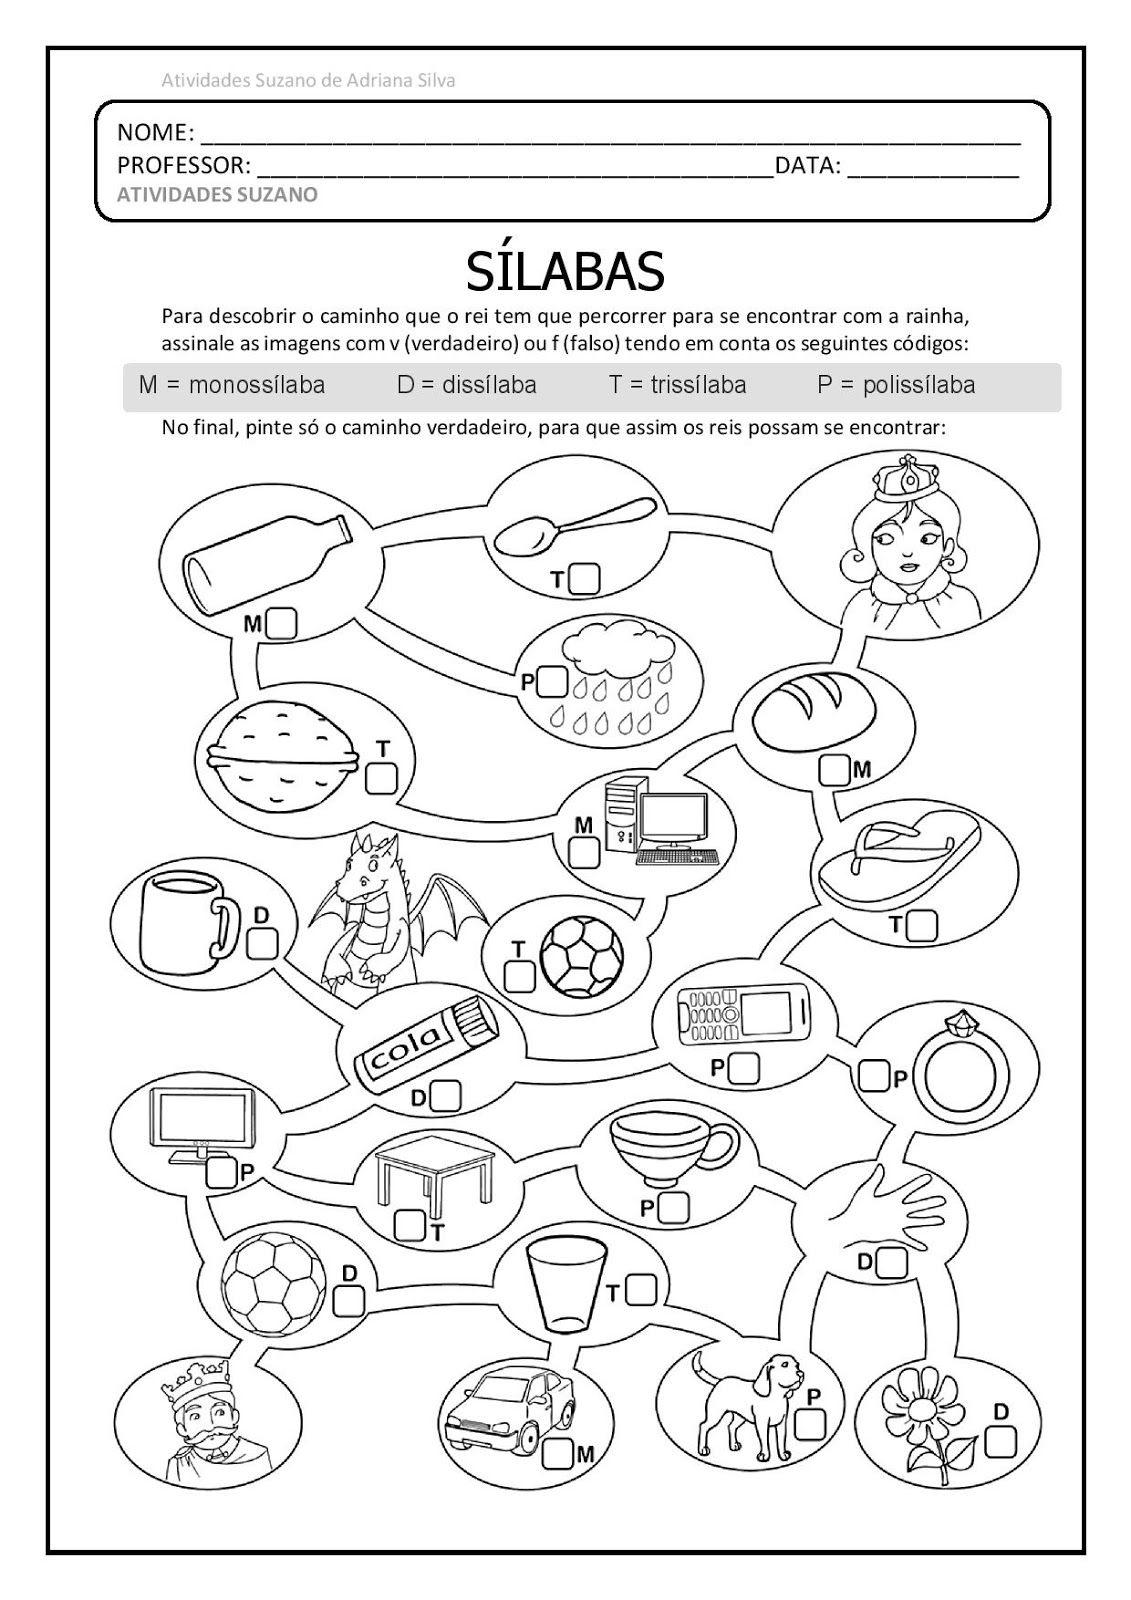 Verbo S C3 Adlabas E Codigos Page 002 Jpg 1131 1600